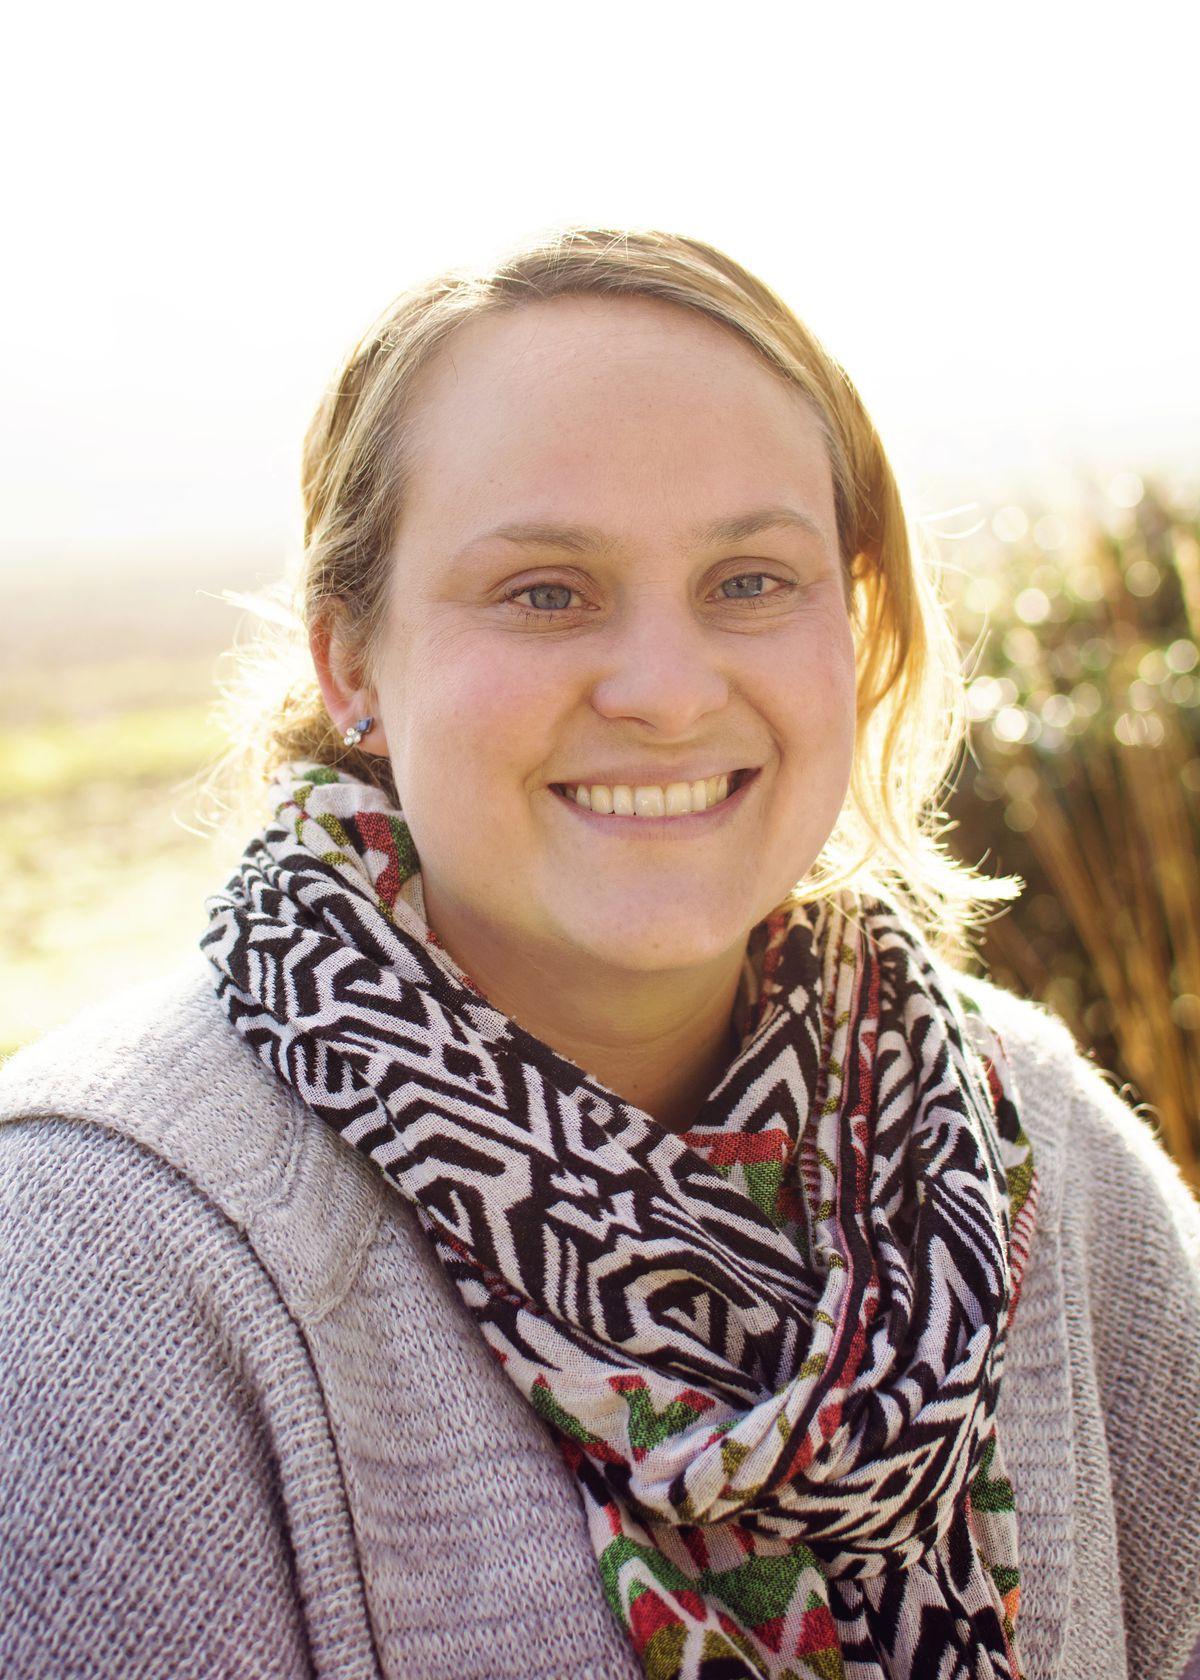 Author Katy